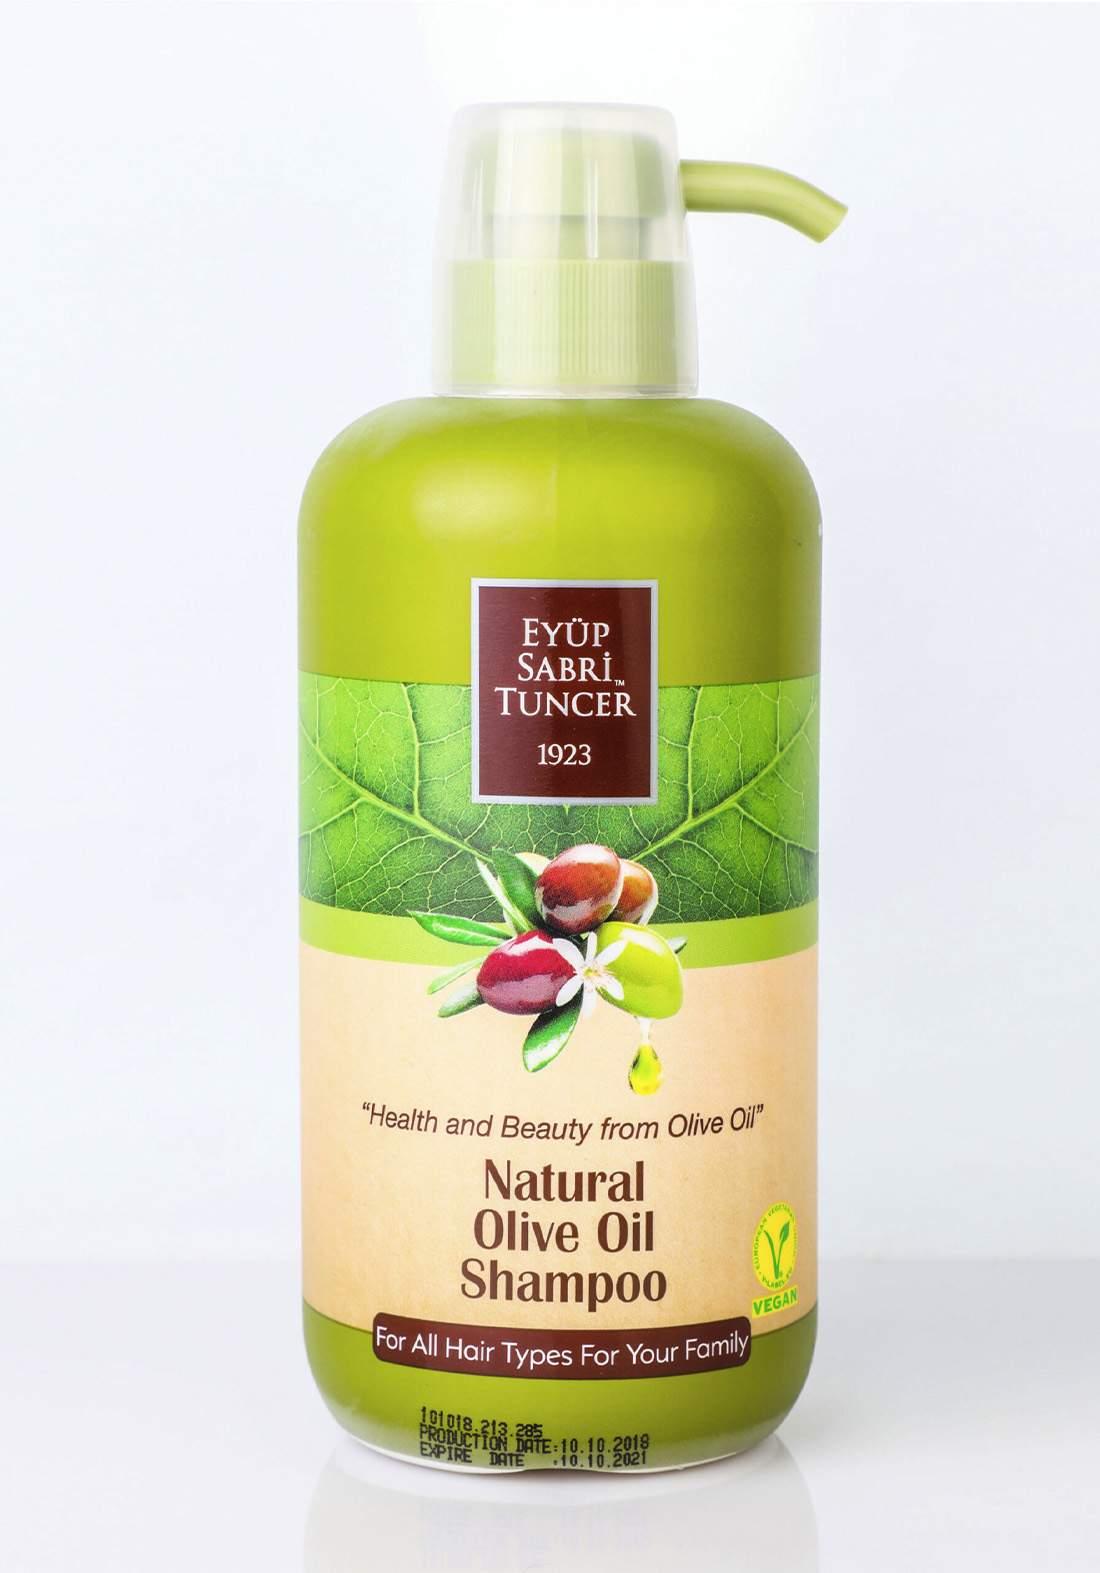 Eyup Sabri Tuncer  Natural Olive Oil Shampoo 600 ml شامبو  بزيت الزيتون الطبيعي